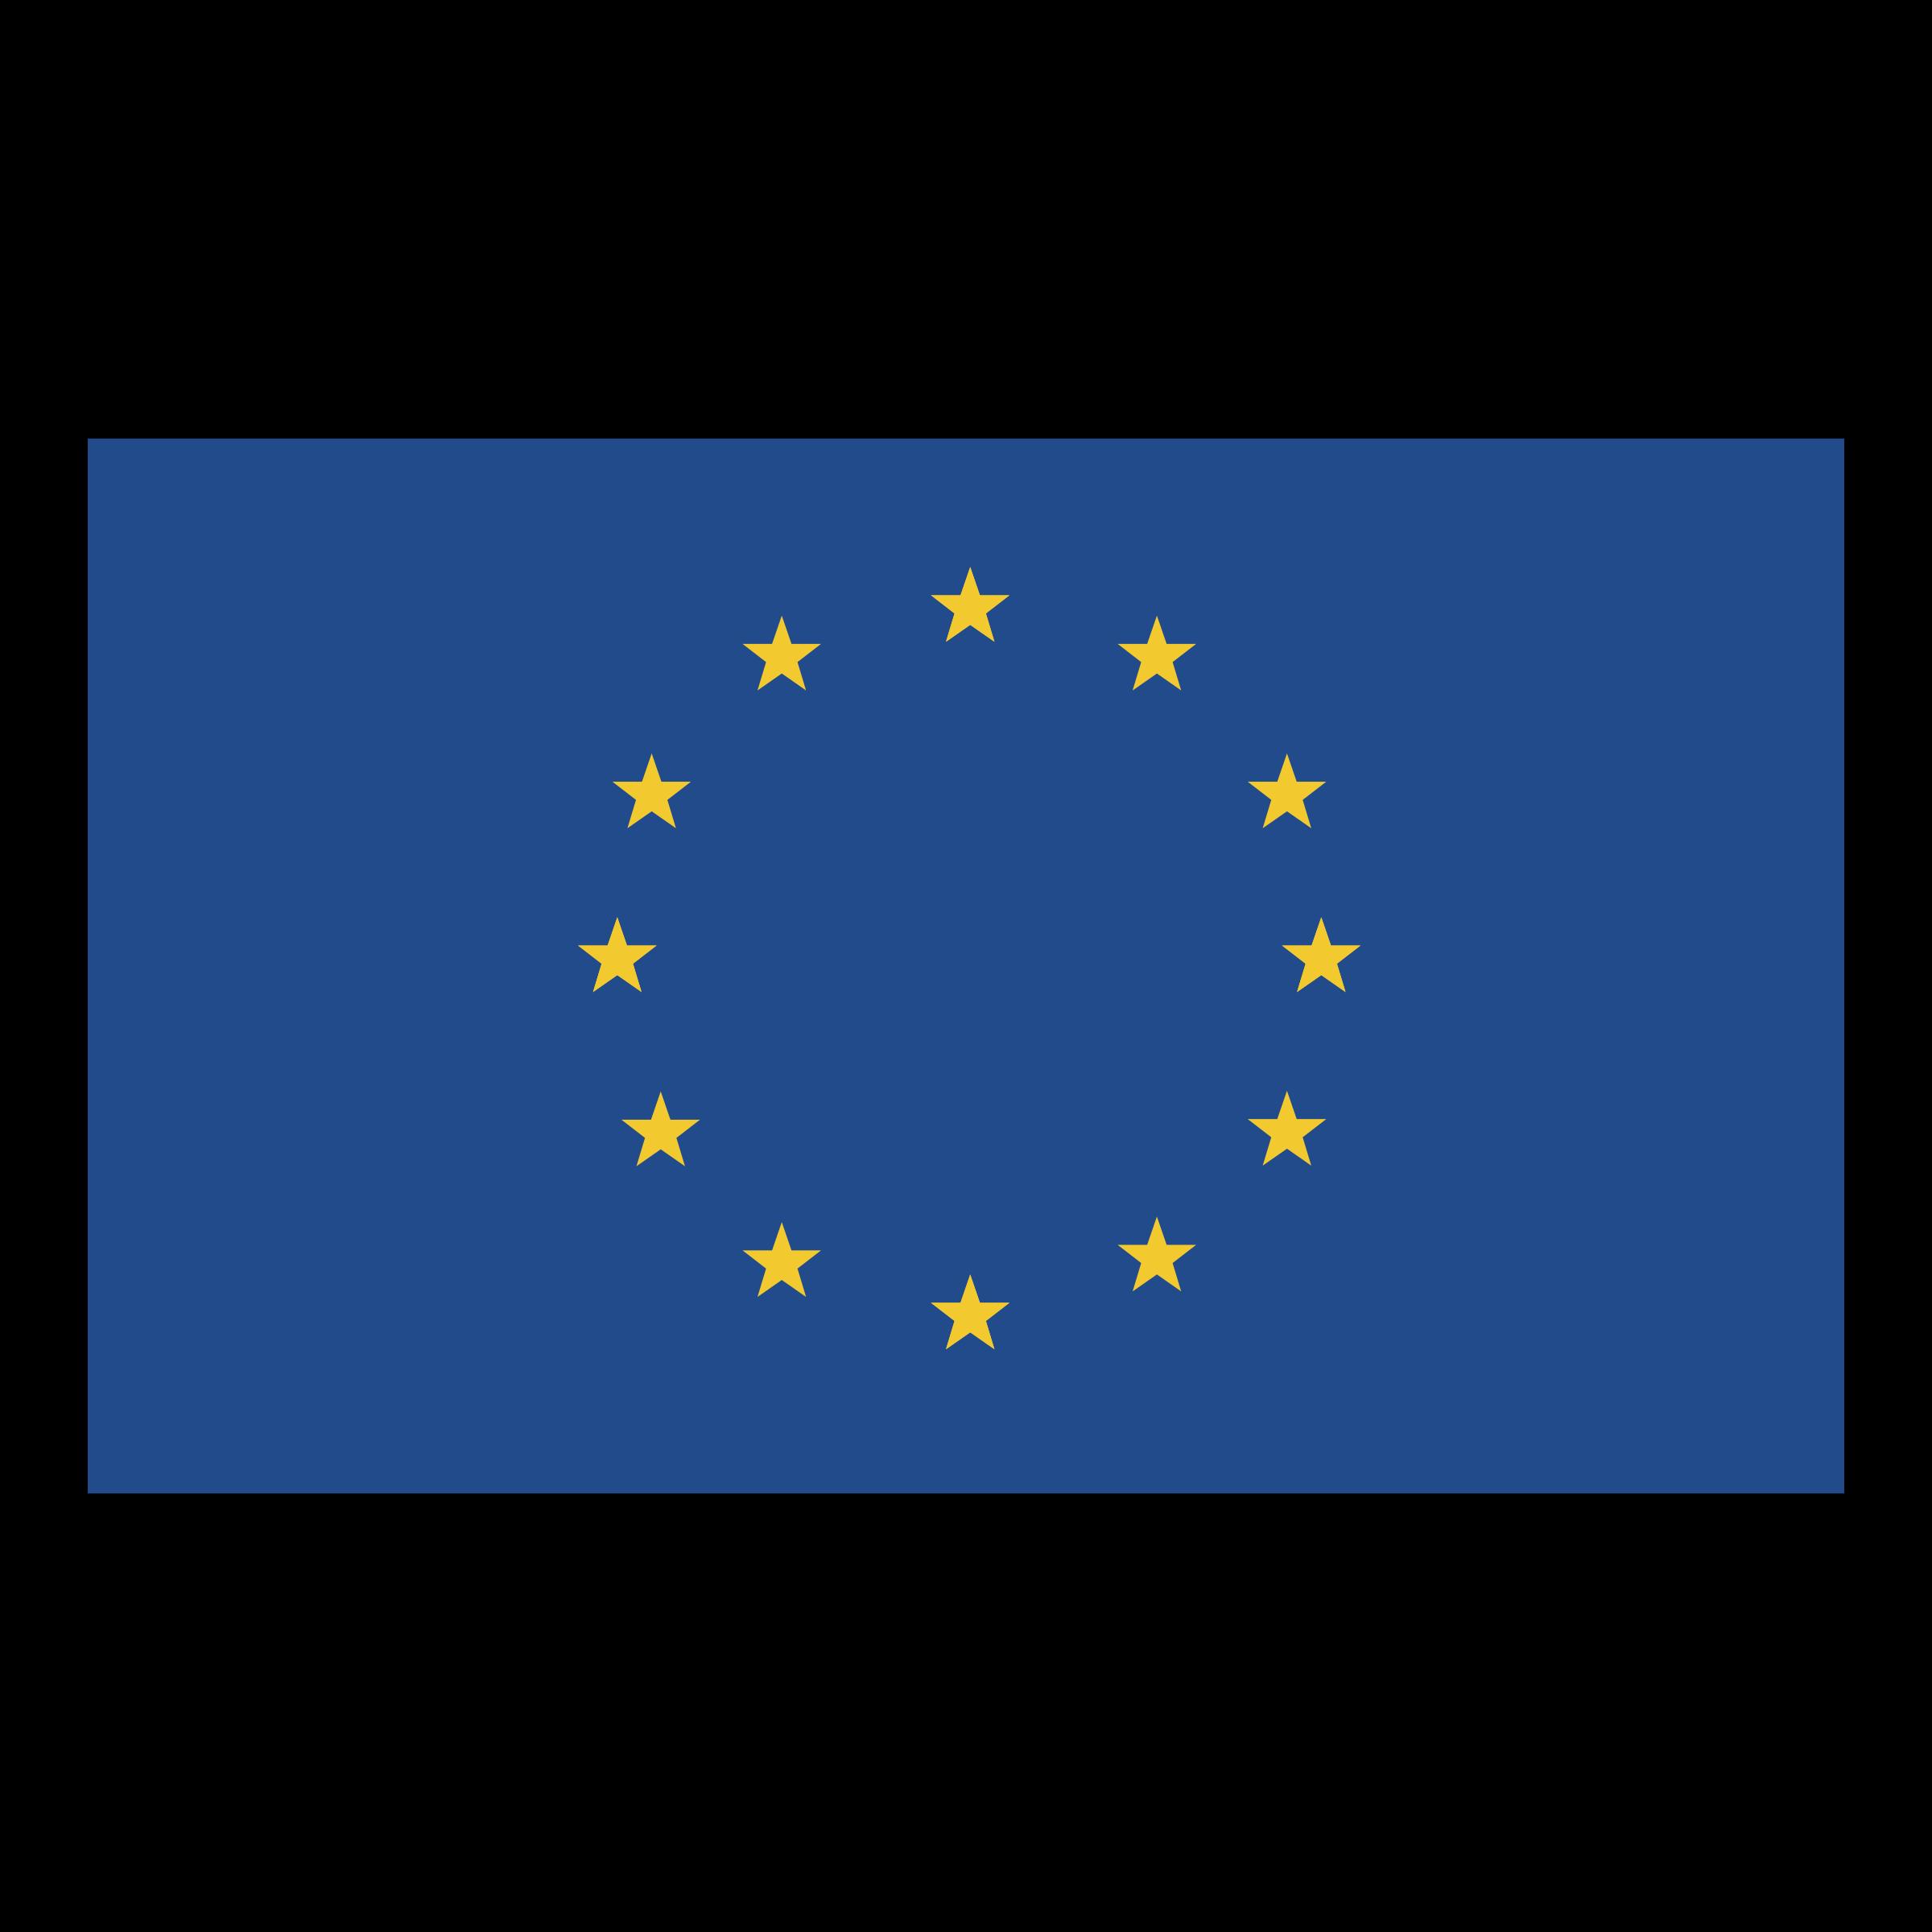 European Union Logo PNG Transparent & SVG Vector.